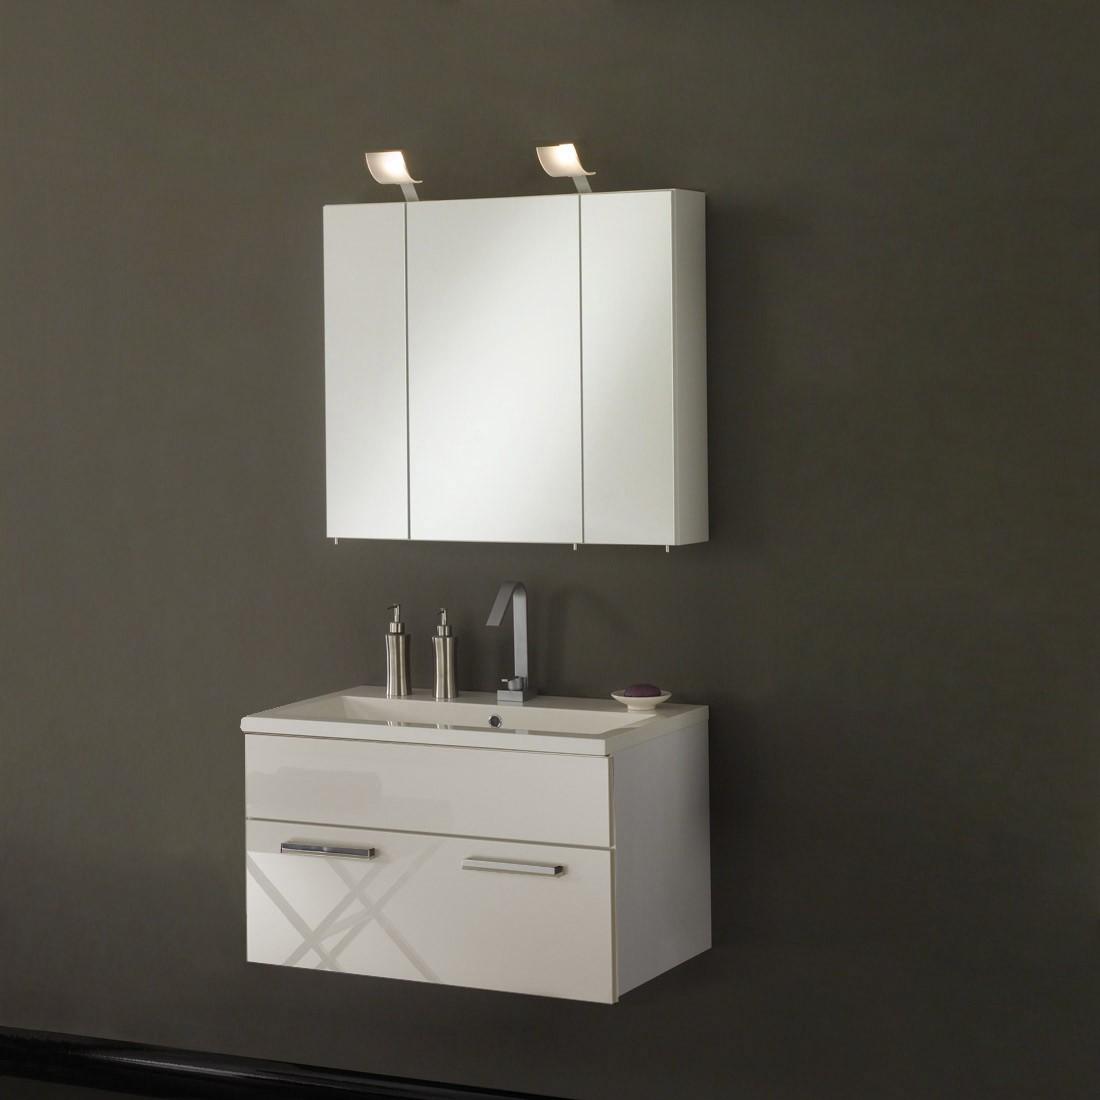 Home 24 - Eek b, meuble lavabo victoria - avec vasque et armoire à miroir 80 cm - blanc brillant, aqua suite